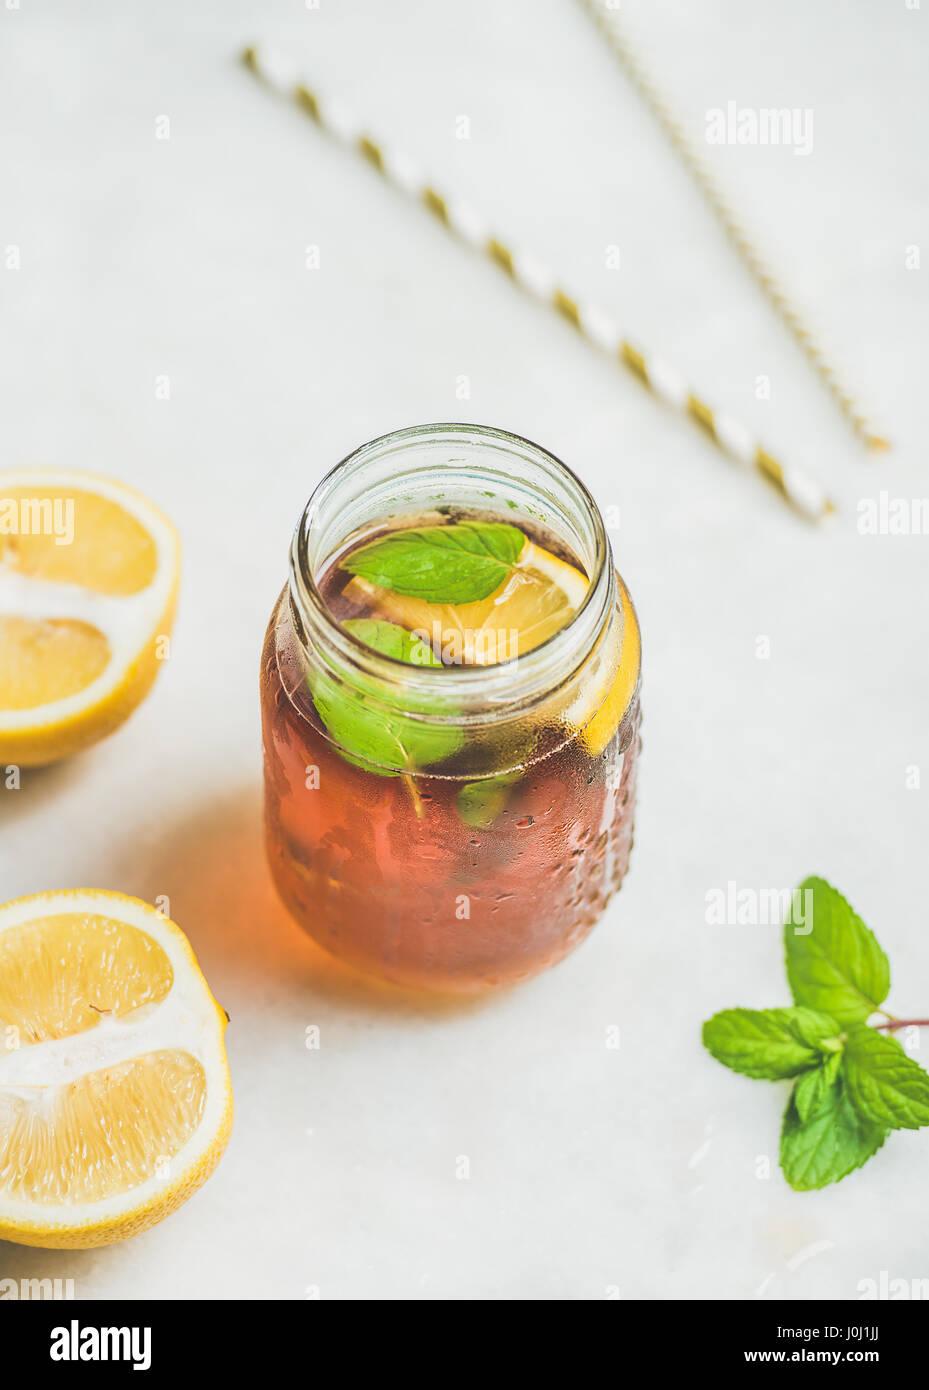 Verano frío helado de té con rodajas de limón y hierbas frescas Imagen De Stock